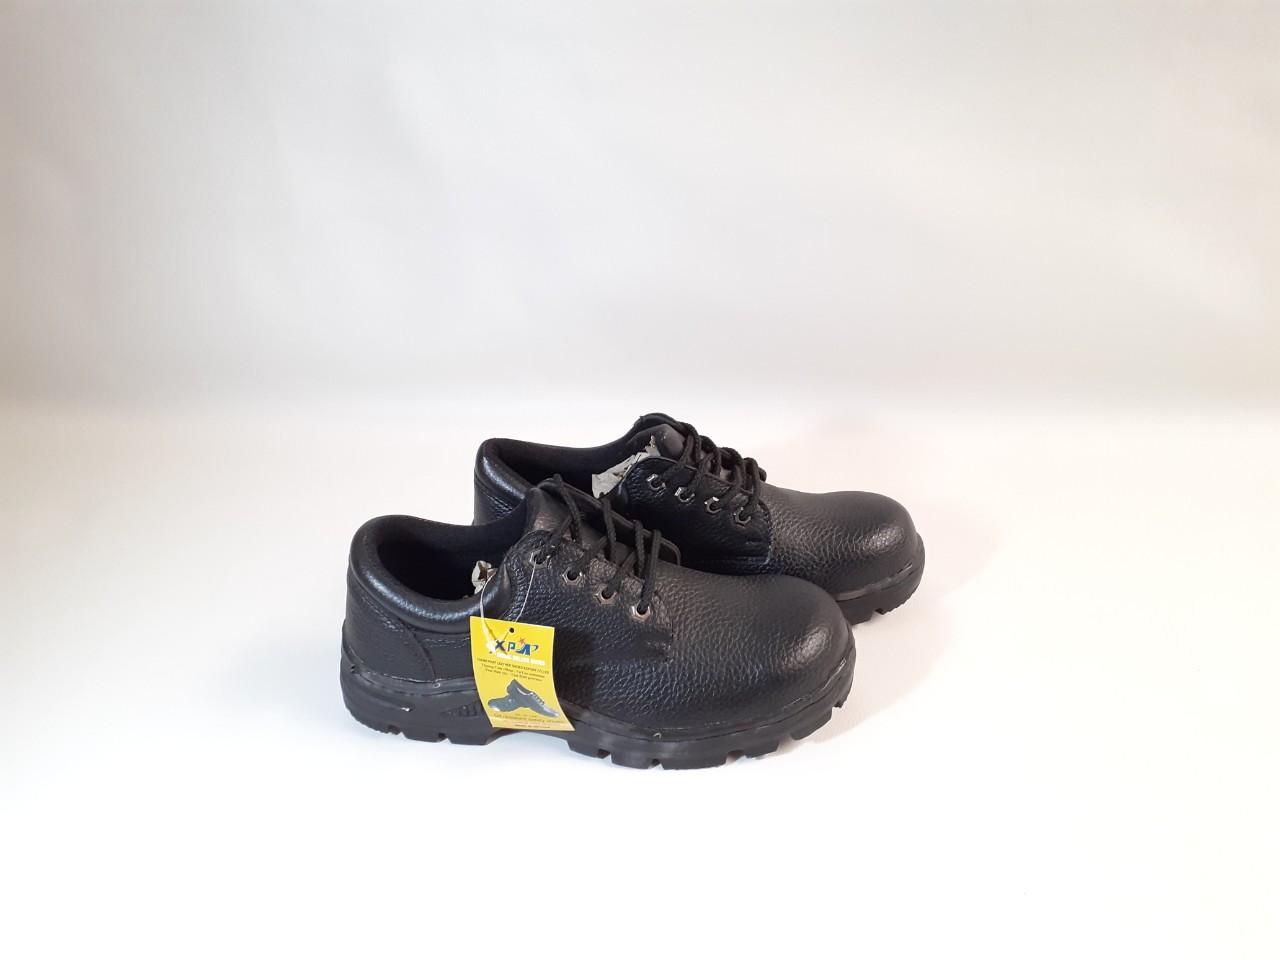 Giày bảo hộ lao động XP 1206 xịn